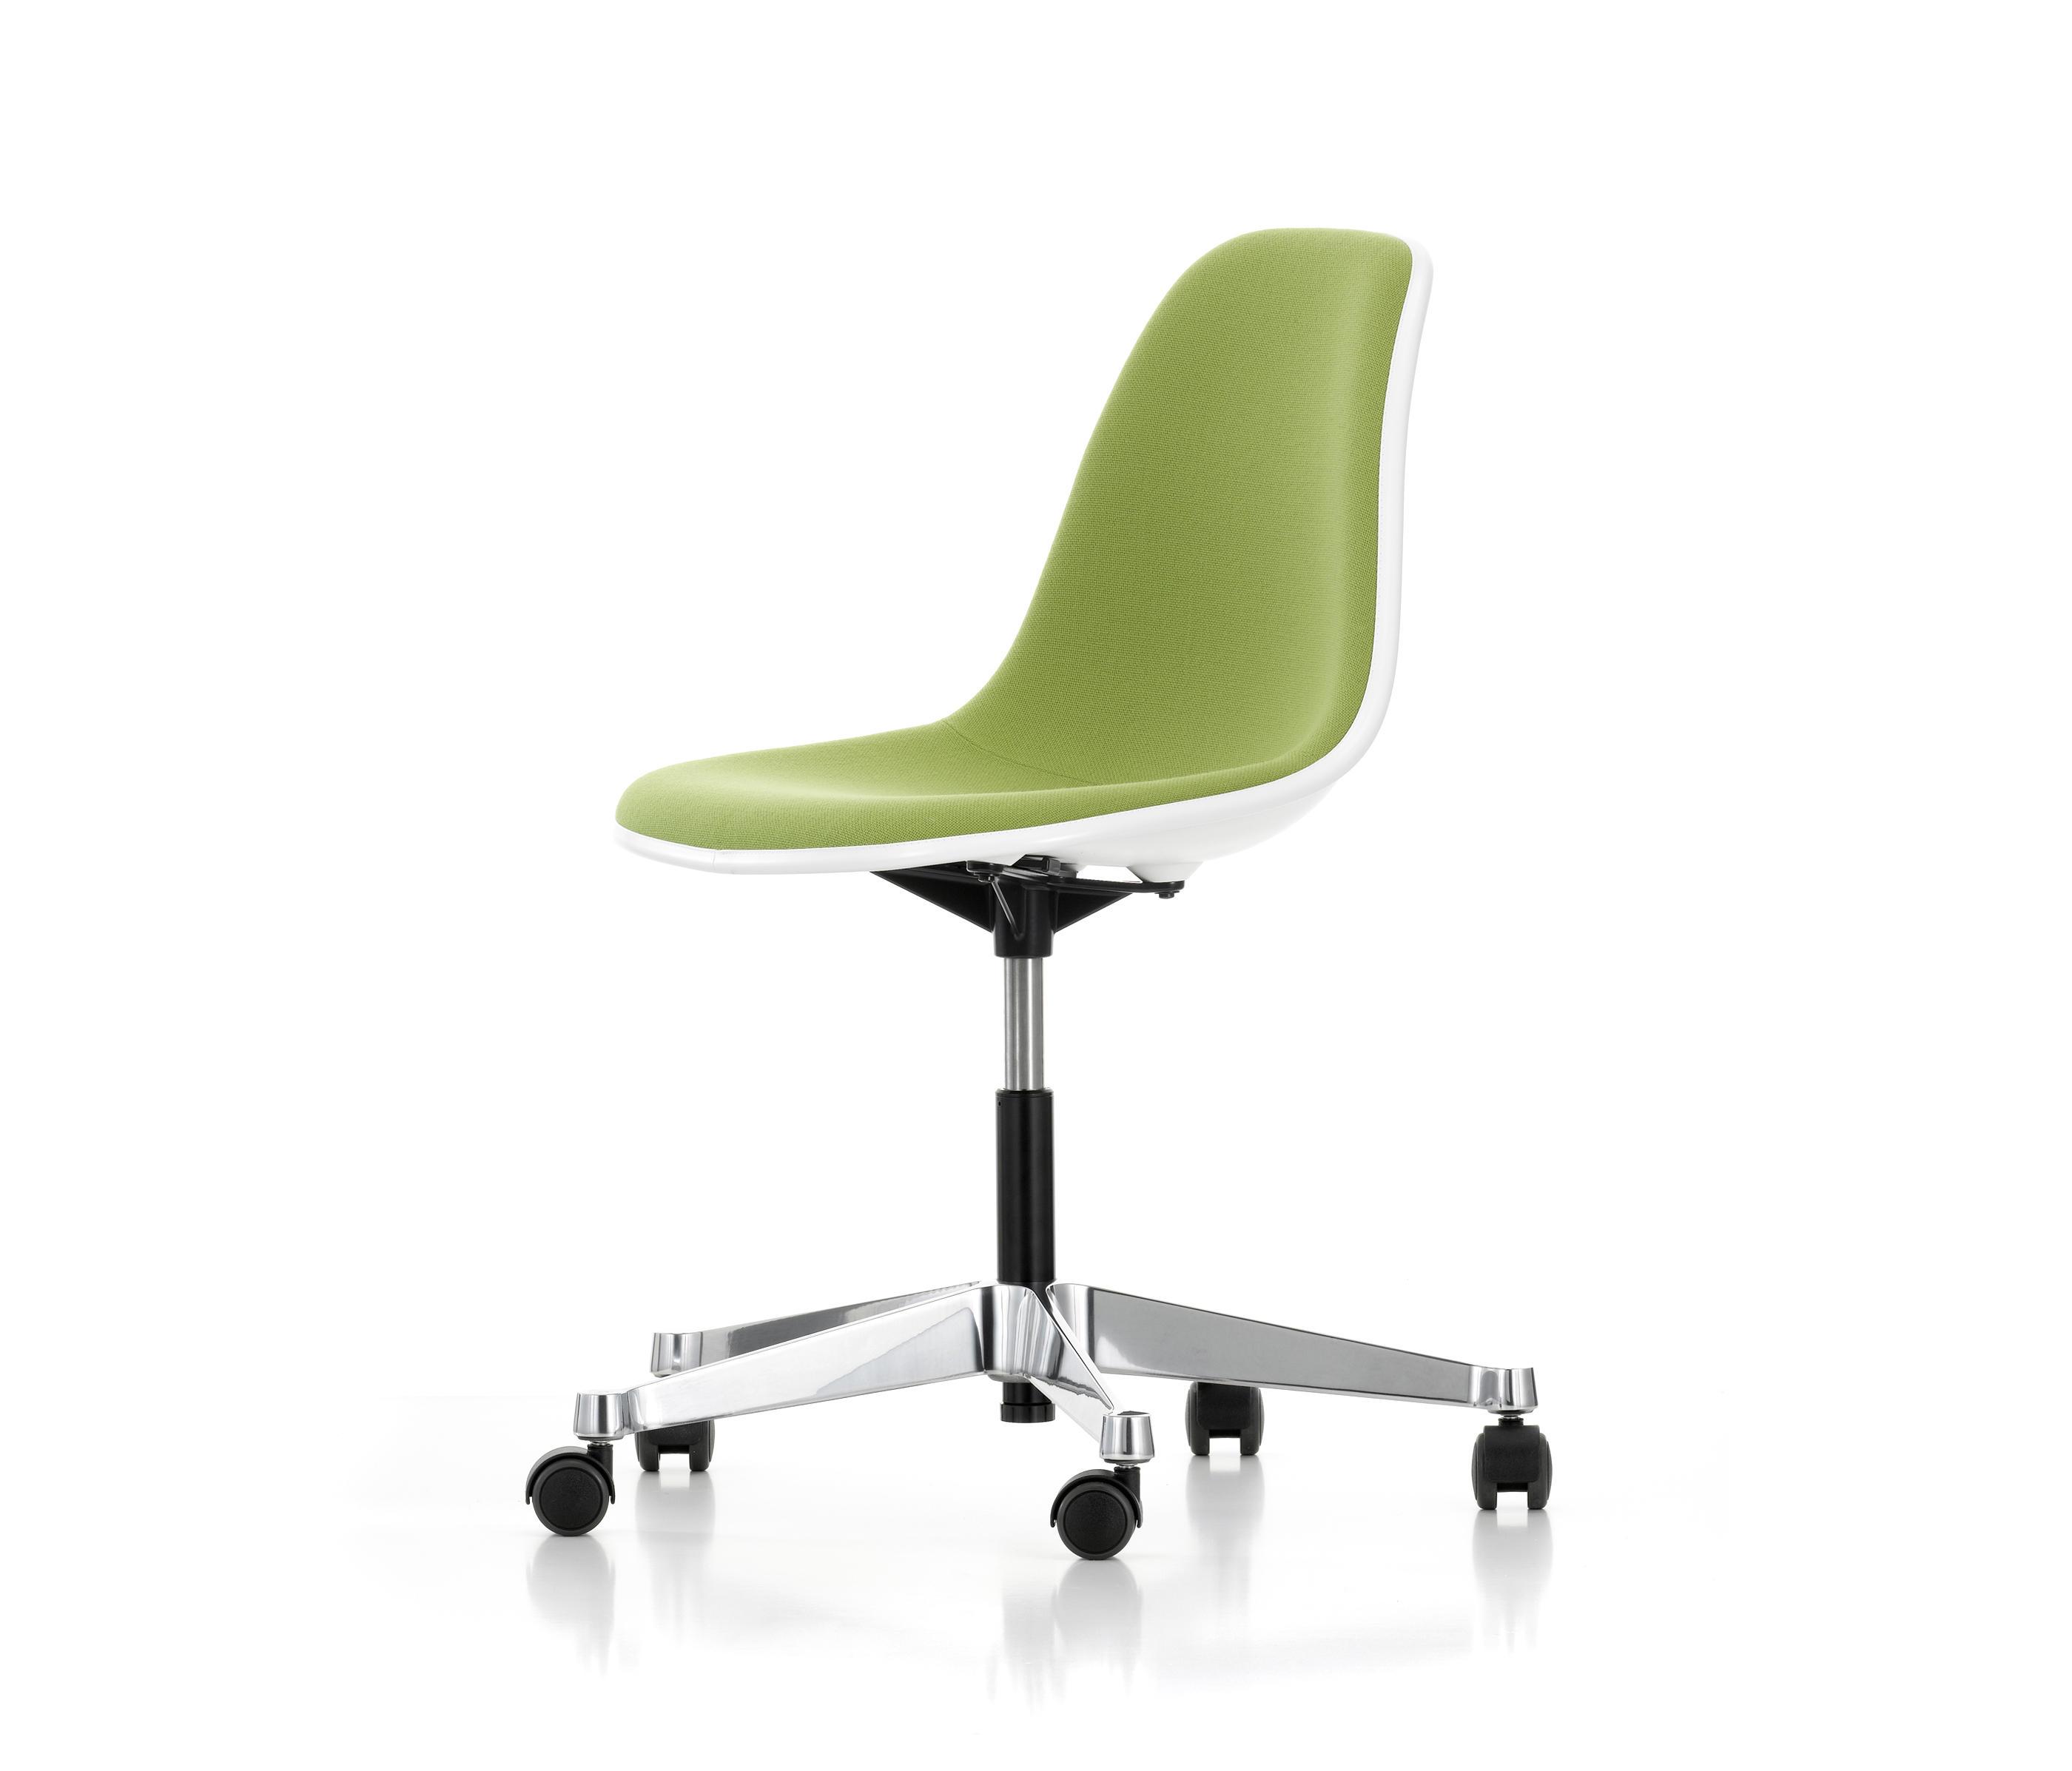 Pscc plastic chair sedie girevoli da lavoro vitra architonic - Sedie vitra ufficio ...